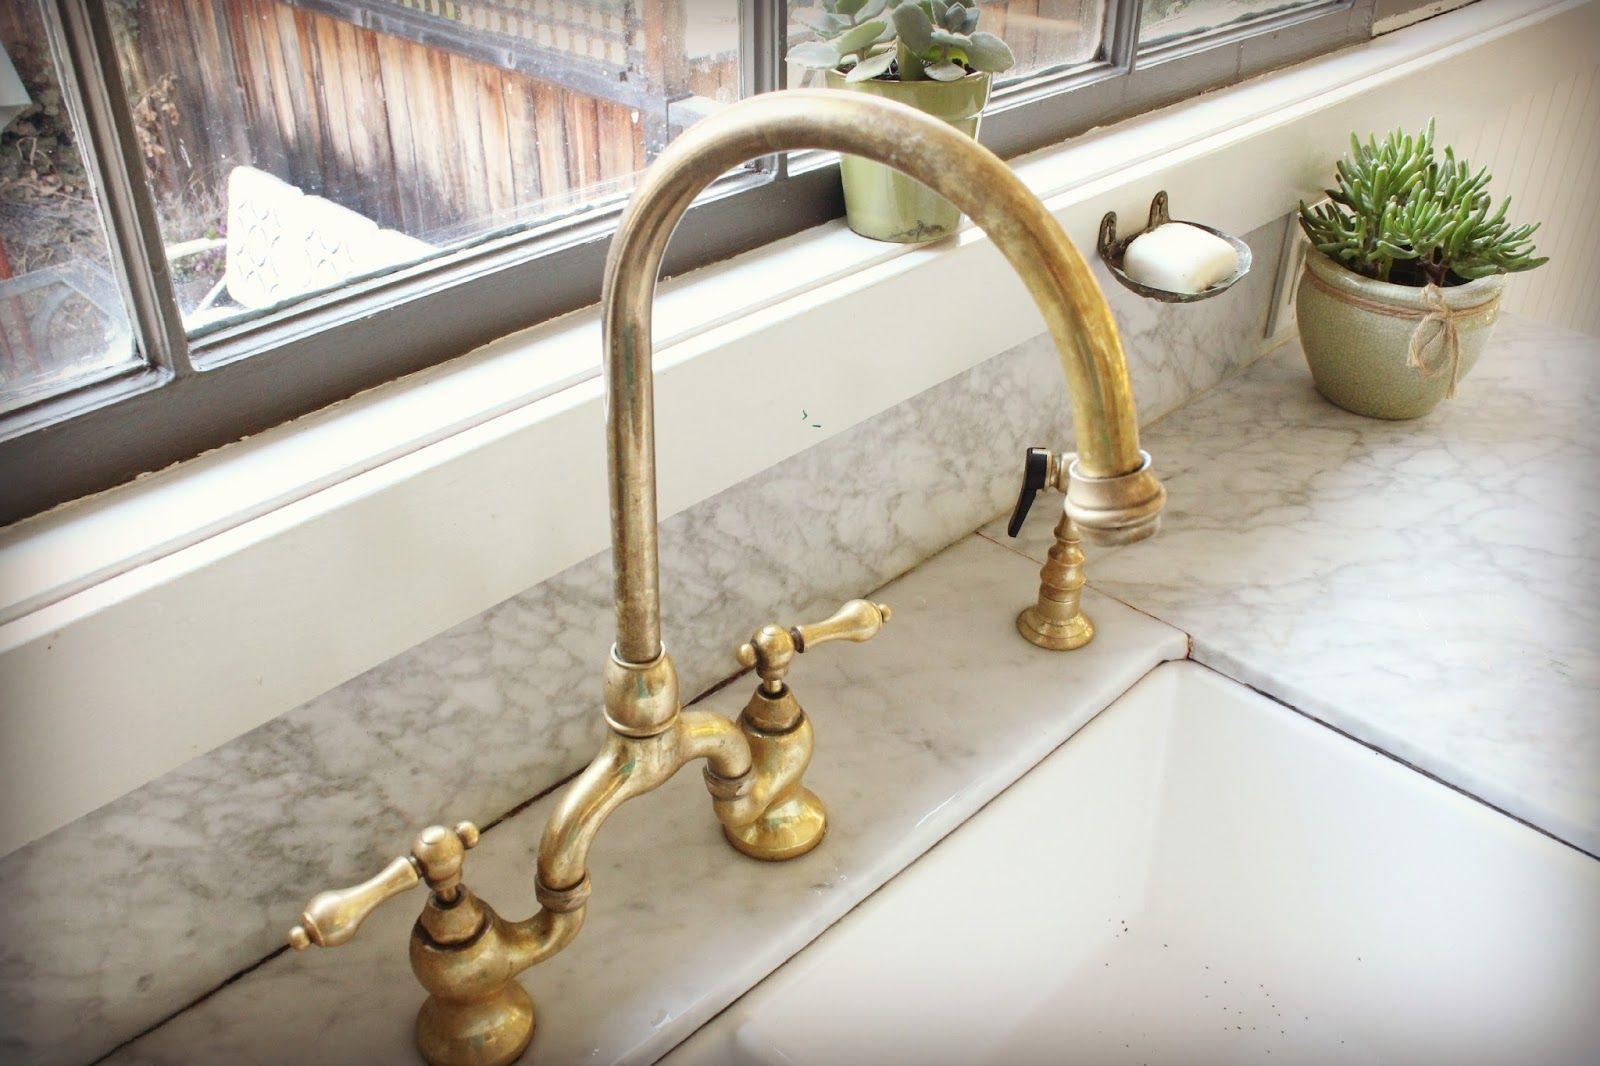 Unlacquered Brass | Antique brass kitchen faucet, Brass ...